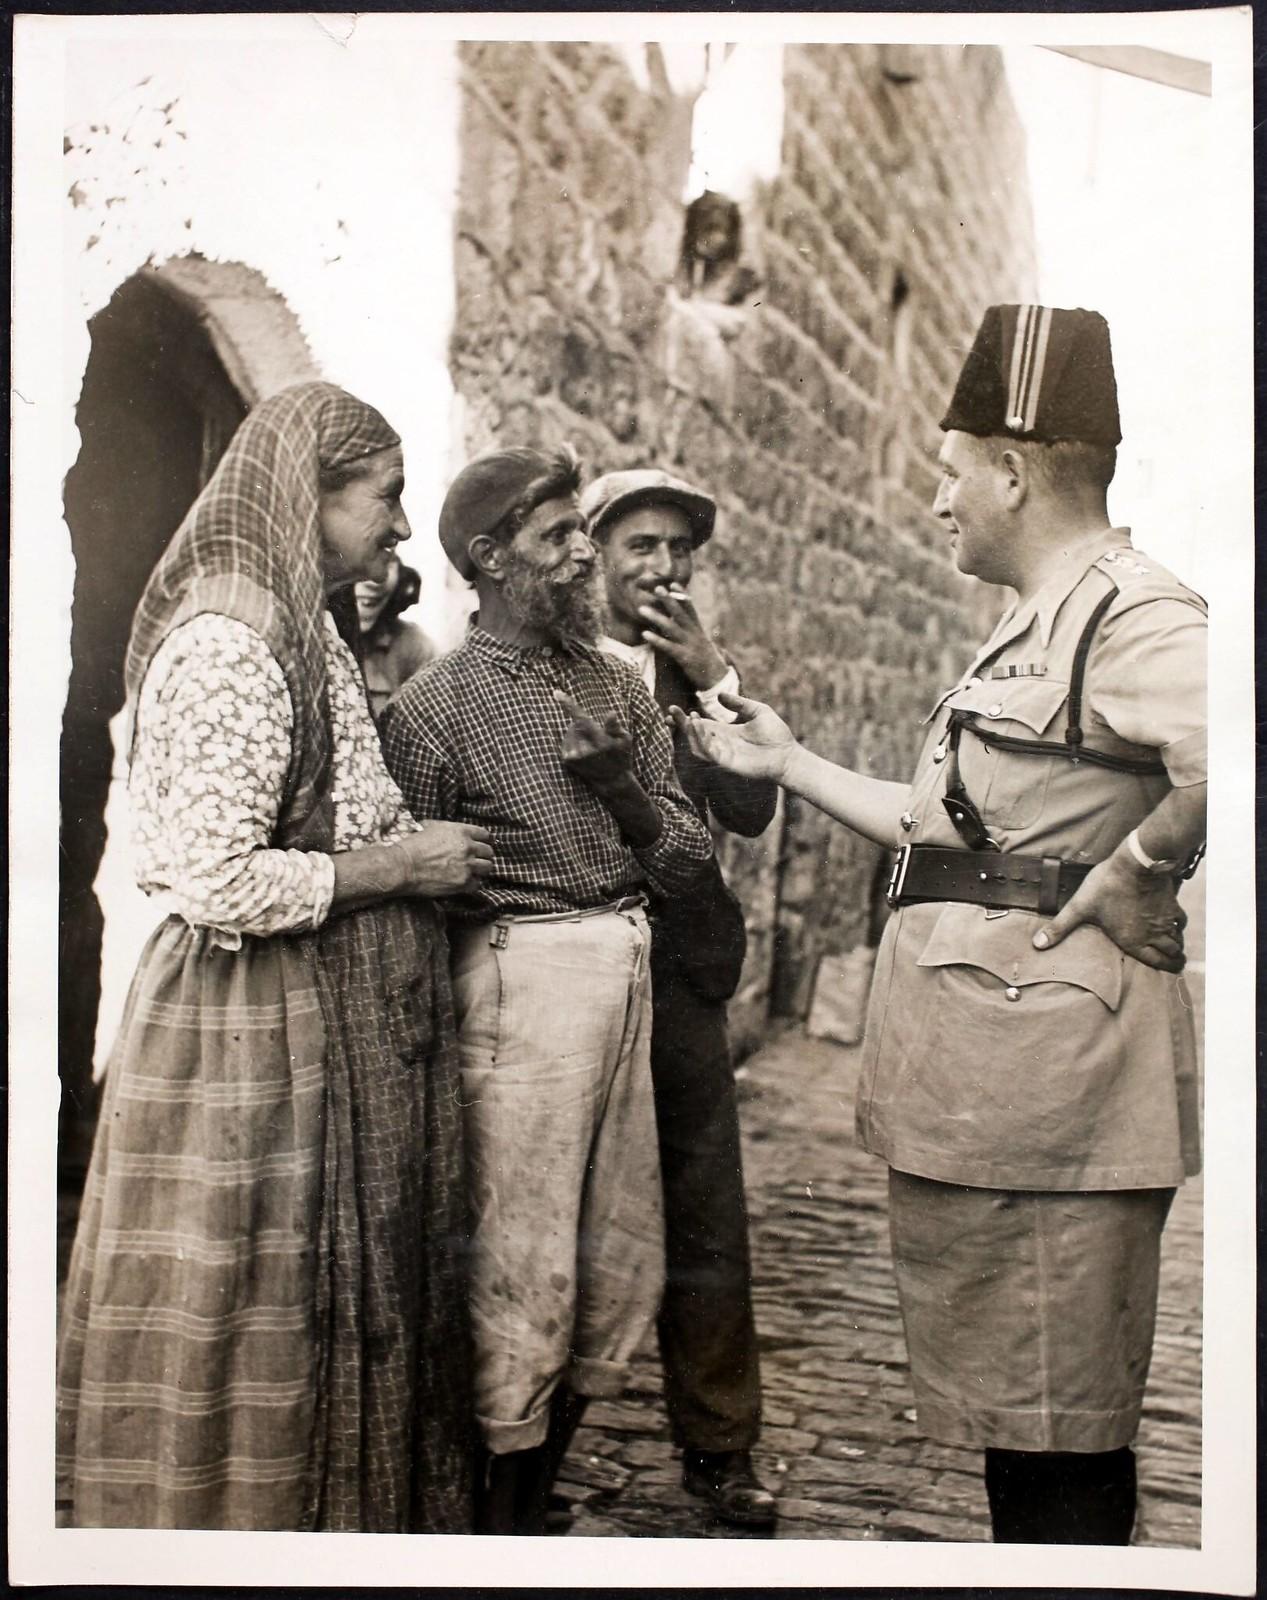 09. 1938. Суперинтендант полиции Британской Палестины А. Х. Сильвер беседует с группой евреев в Старом городе Иерусалима, 27 октября